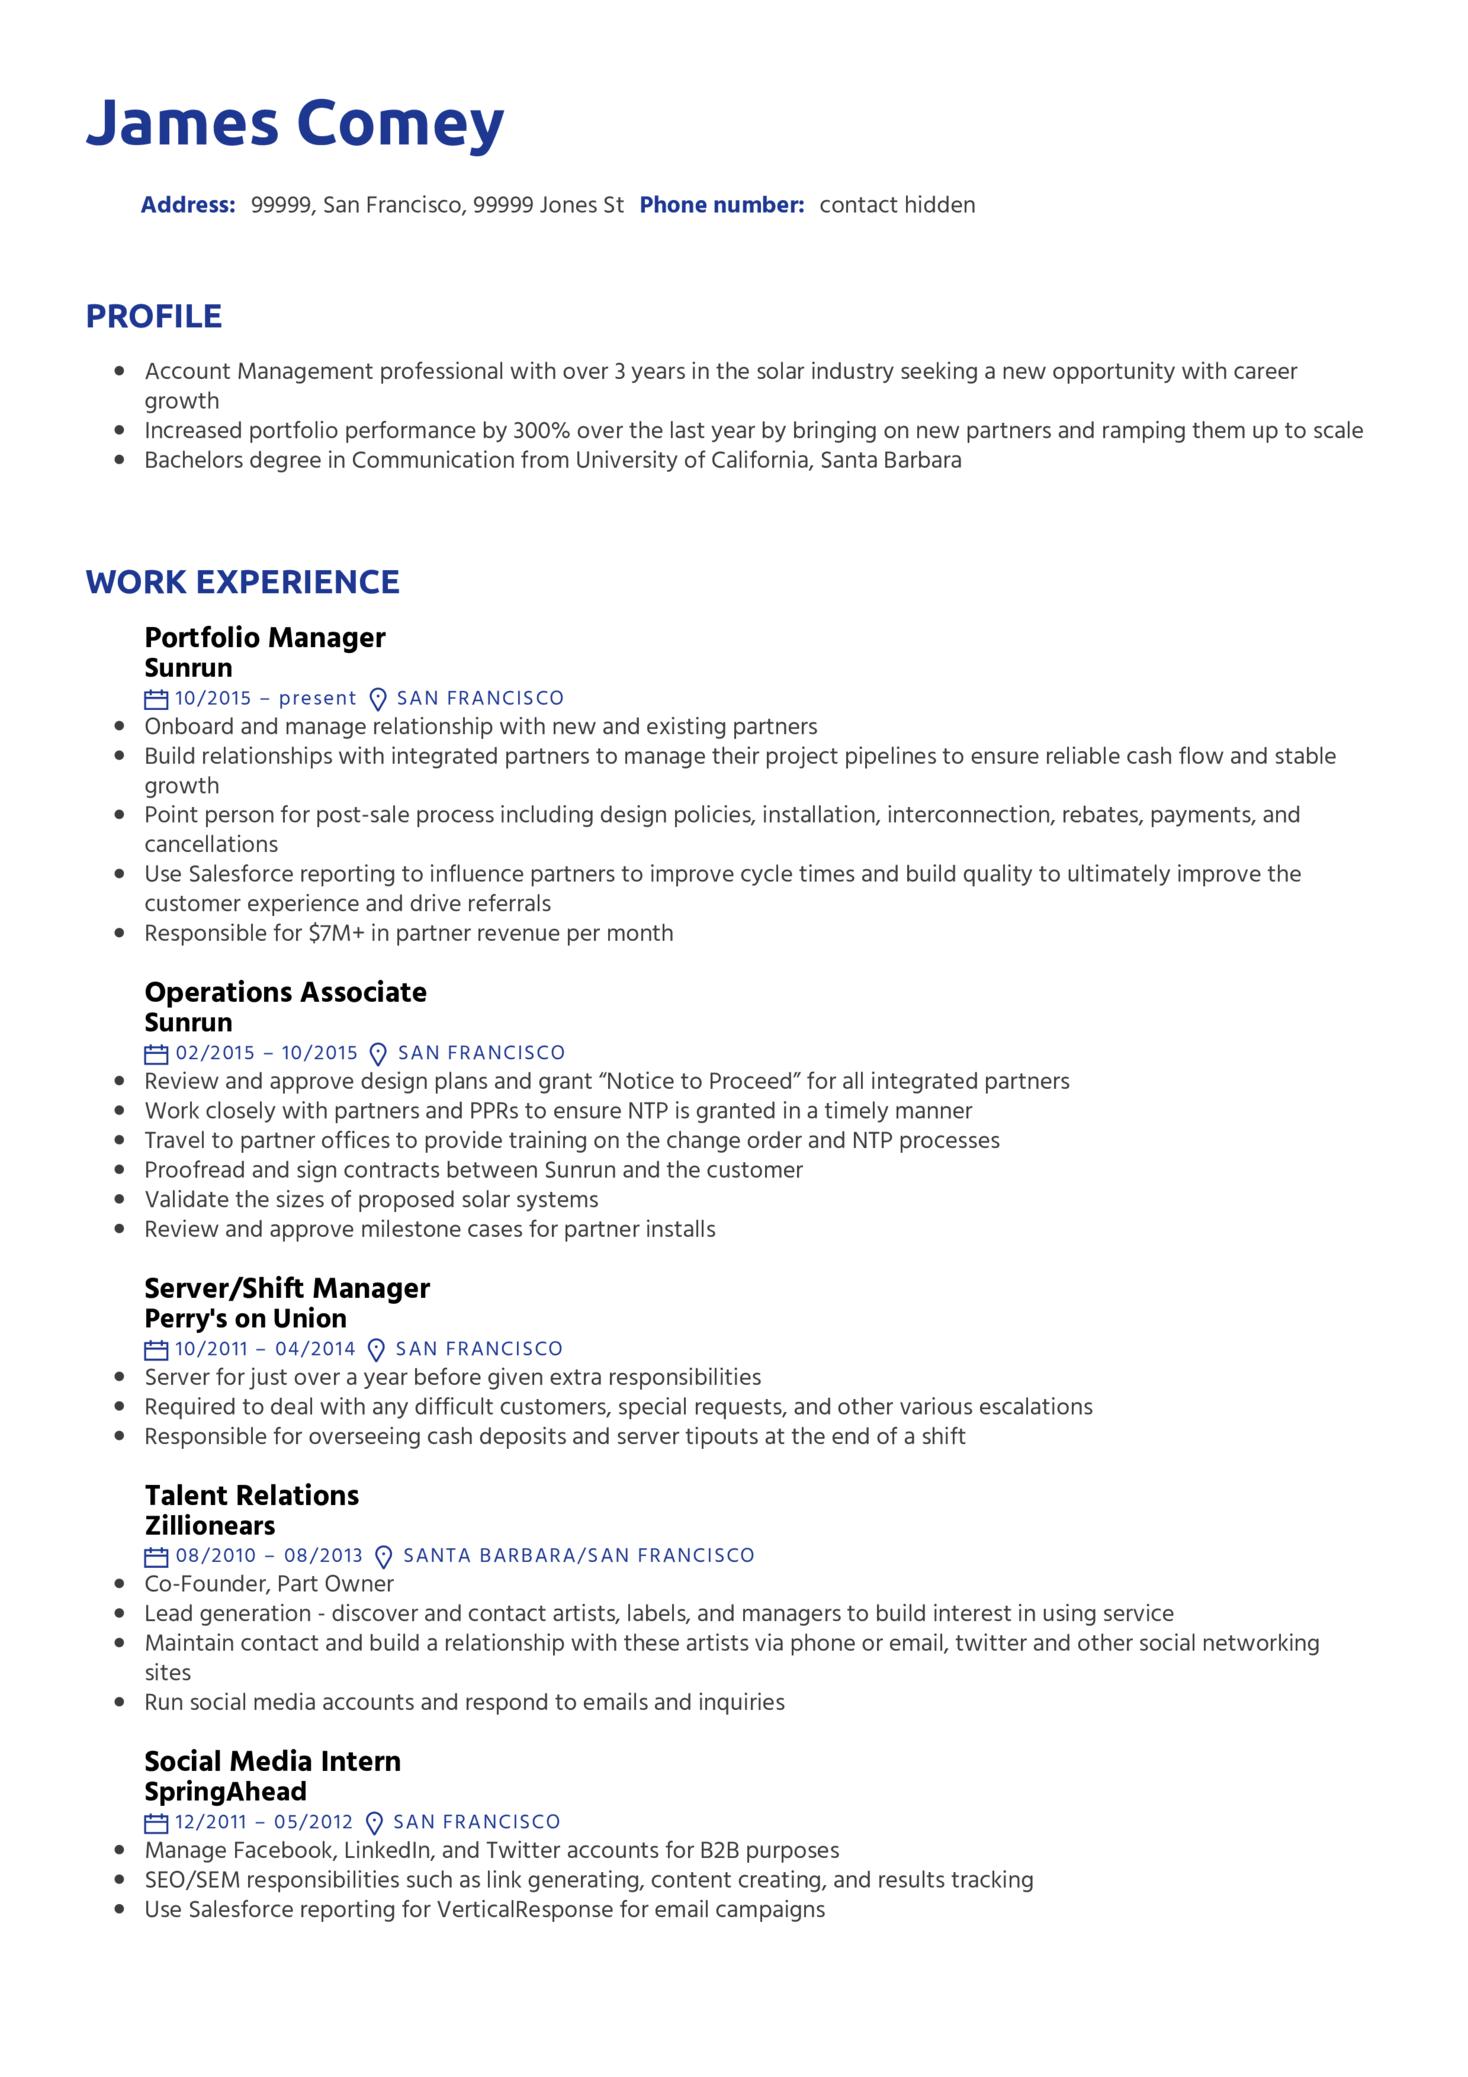 Portfolio Manager Resume Template (Parte 1)